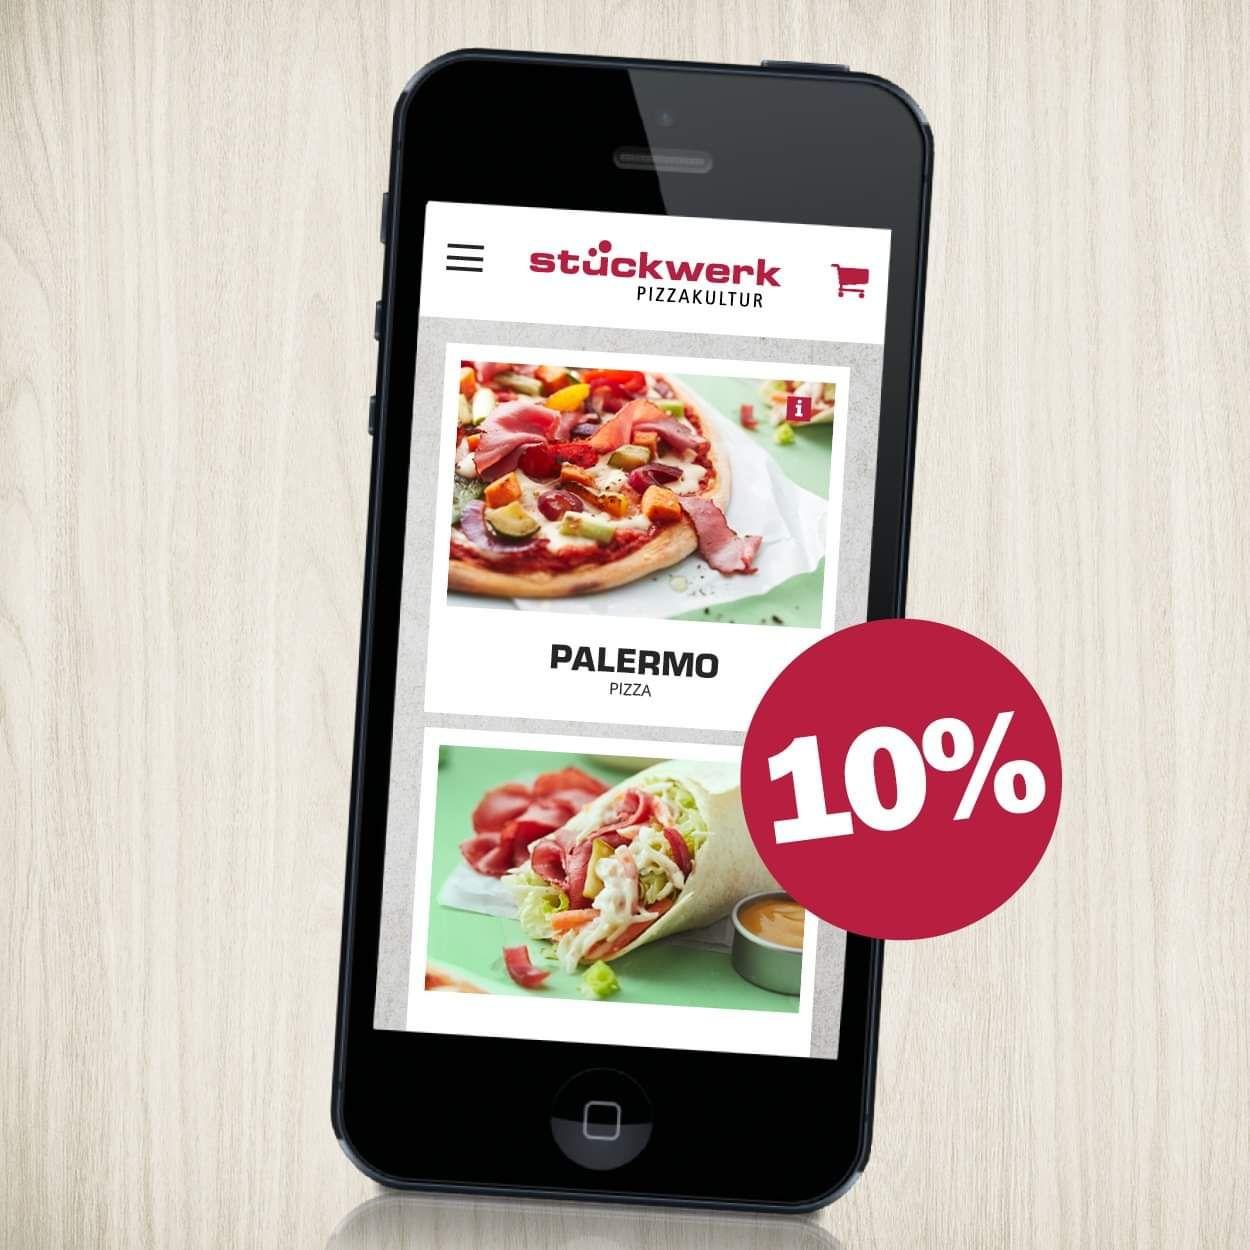 Stückwerk 10% Rabatt bei Bestellung über die App